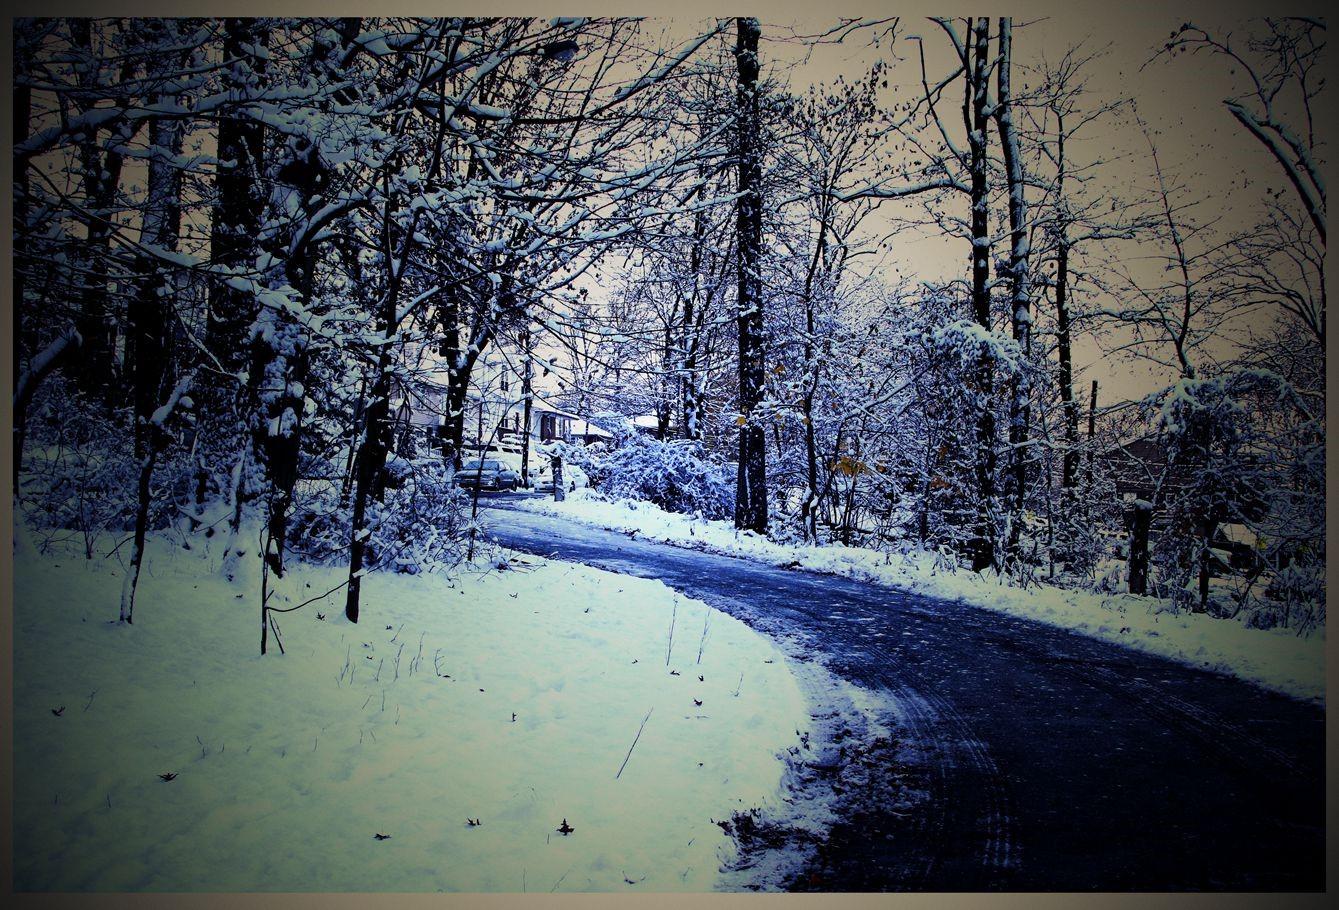 纽约地区入冬首雪景色迷人_图1-19